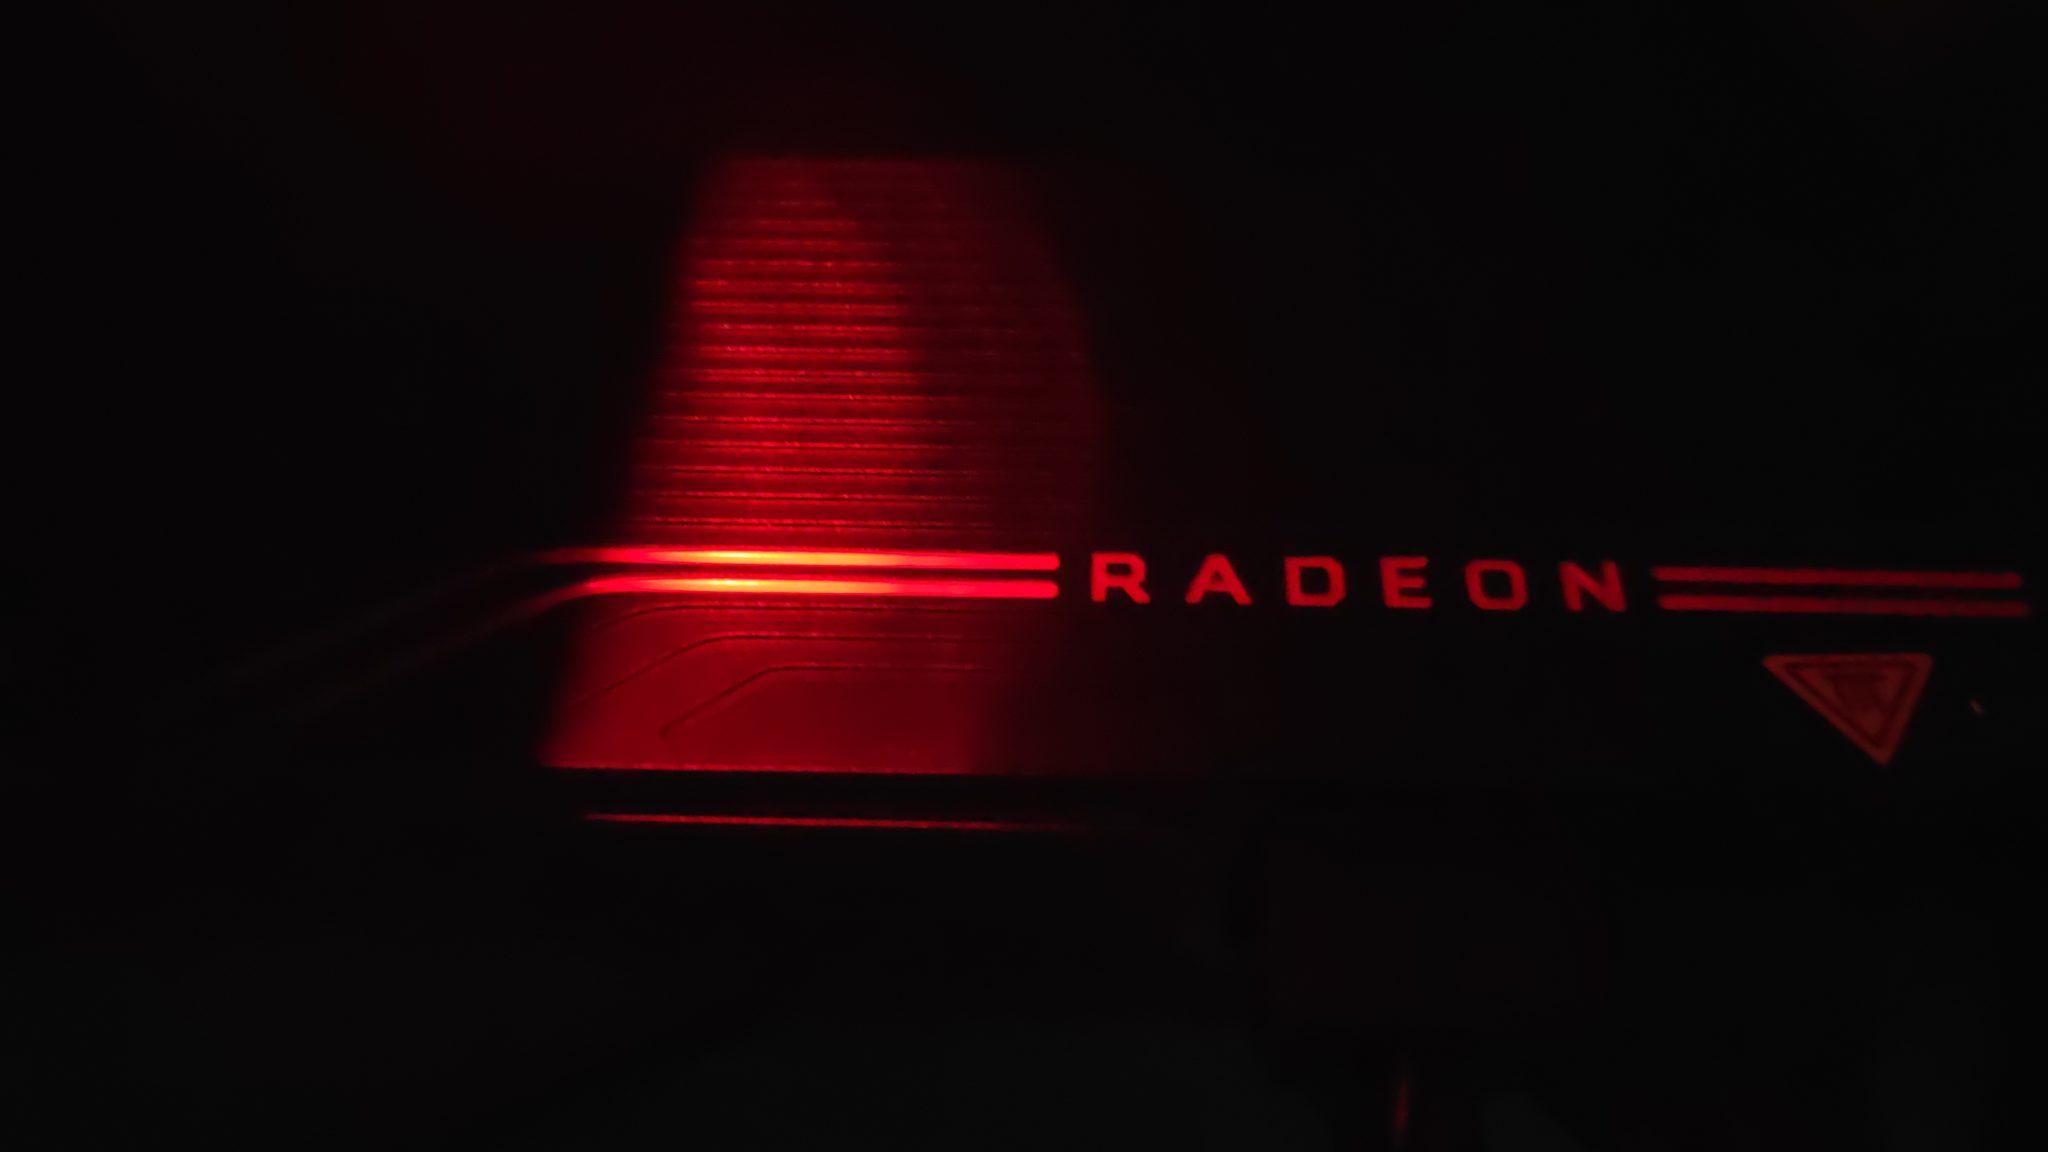 Spunta online un benchmark con RX 5600M e Ryzen 7 4800H